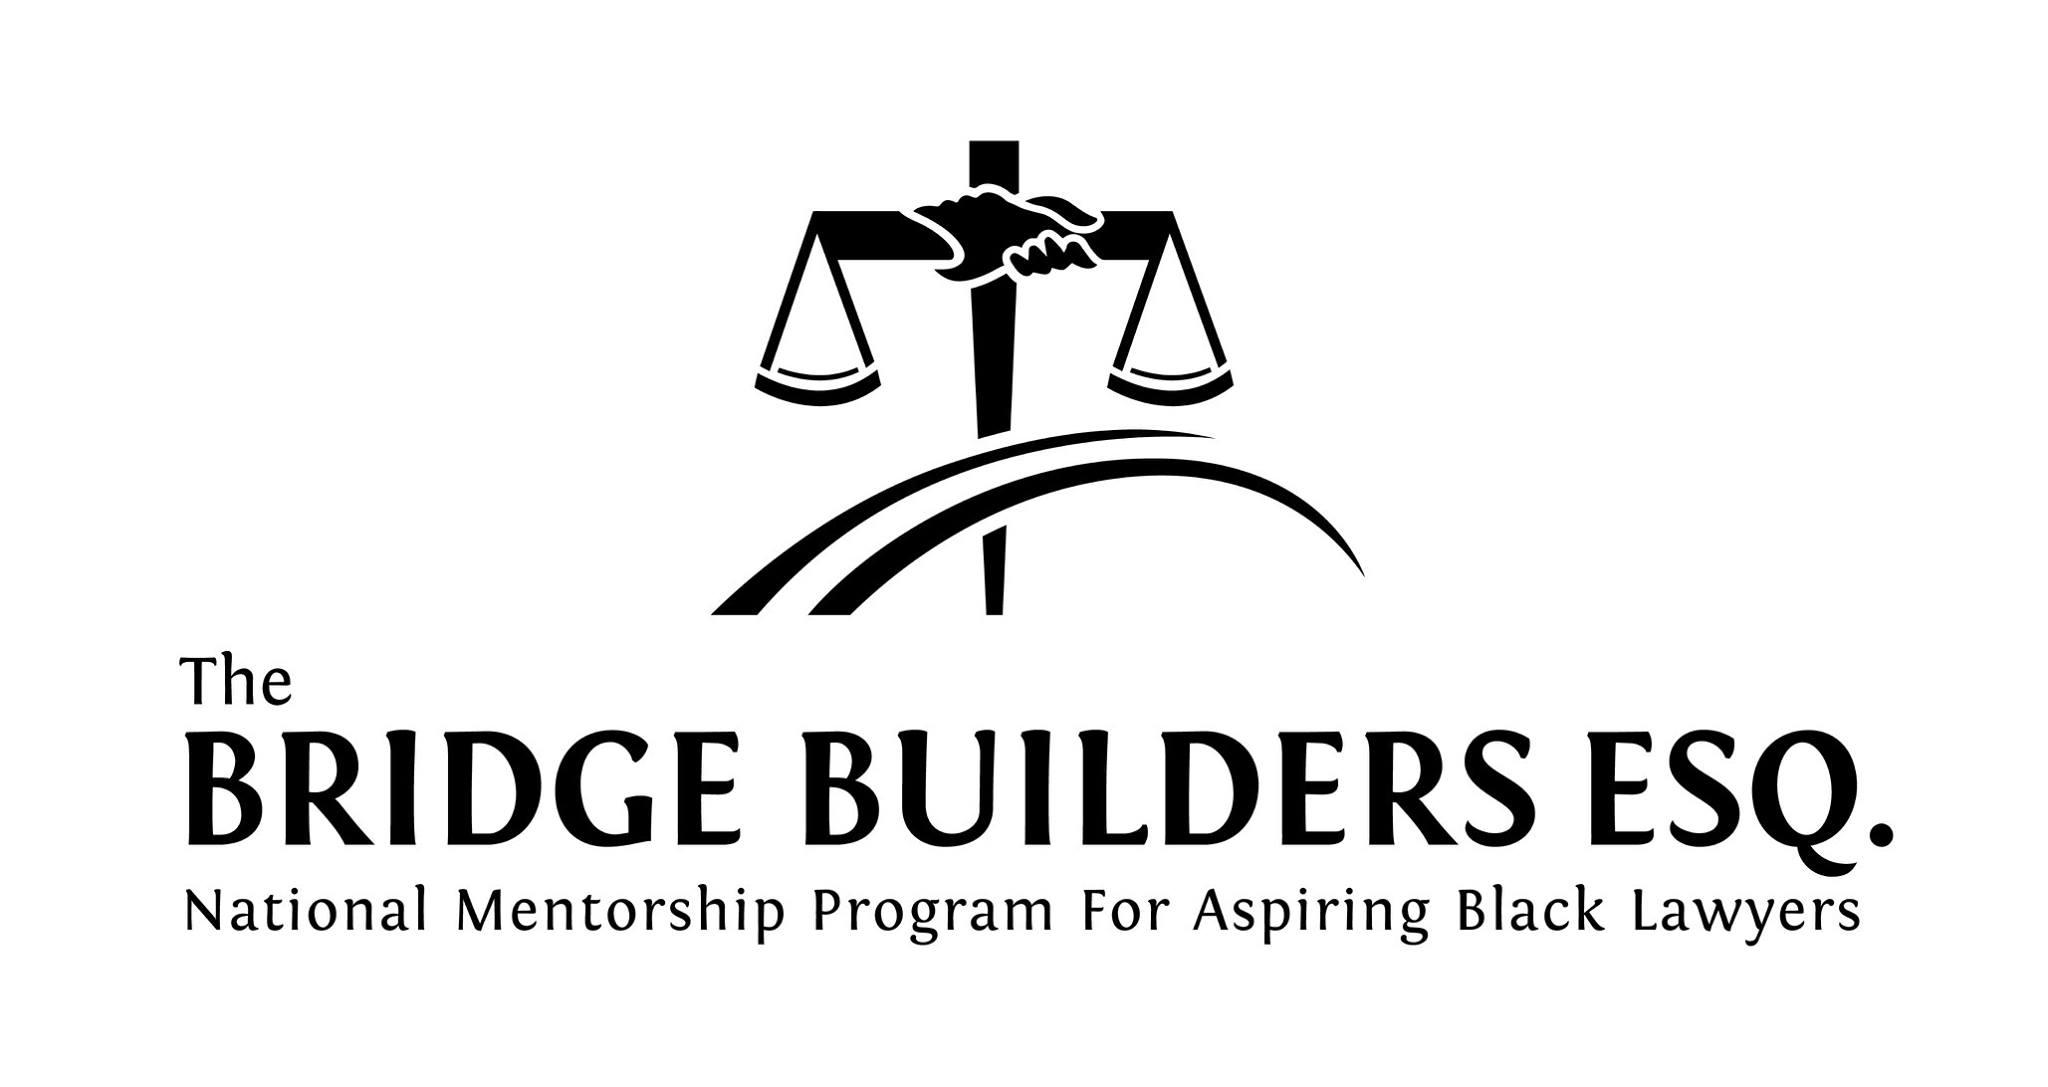 The Bridge Builders, Esq. Logo